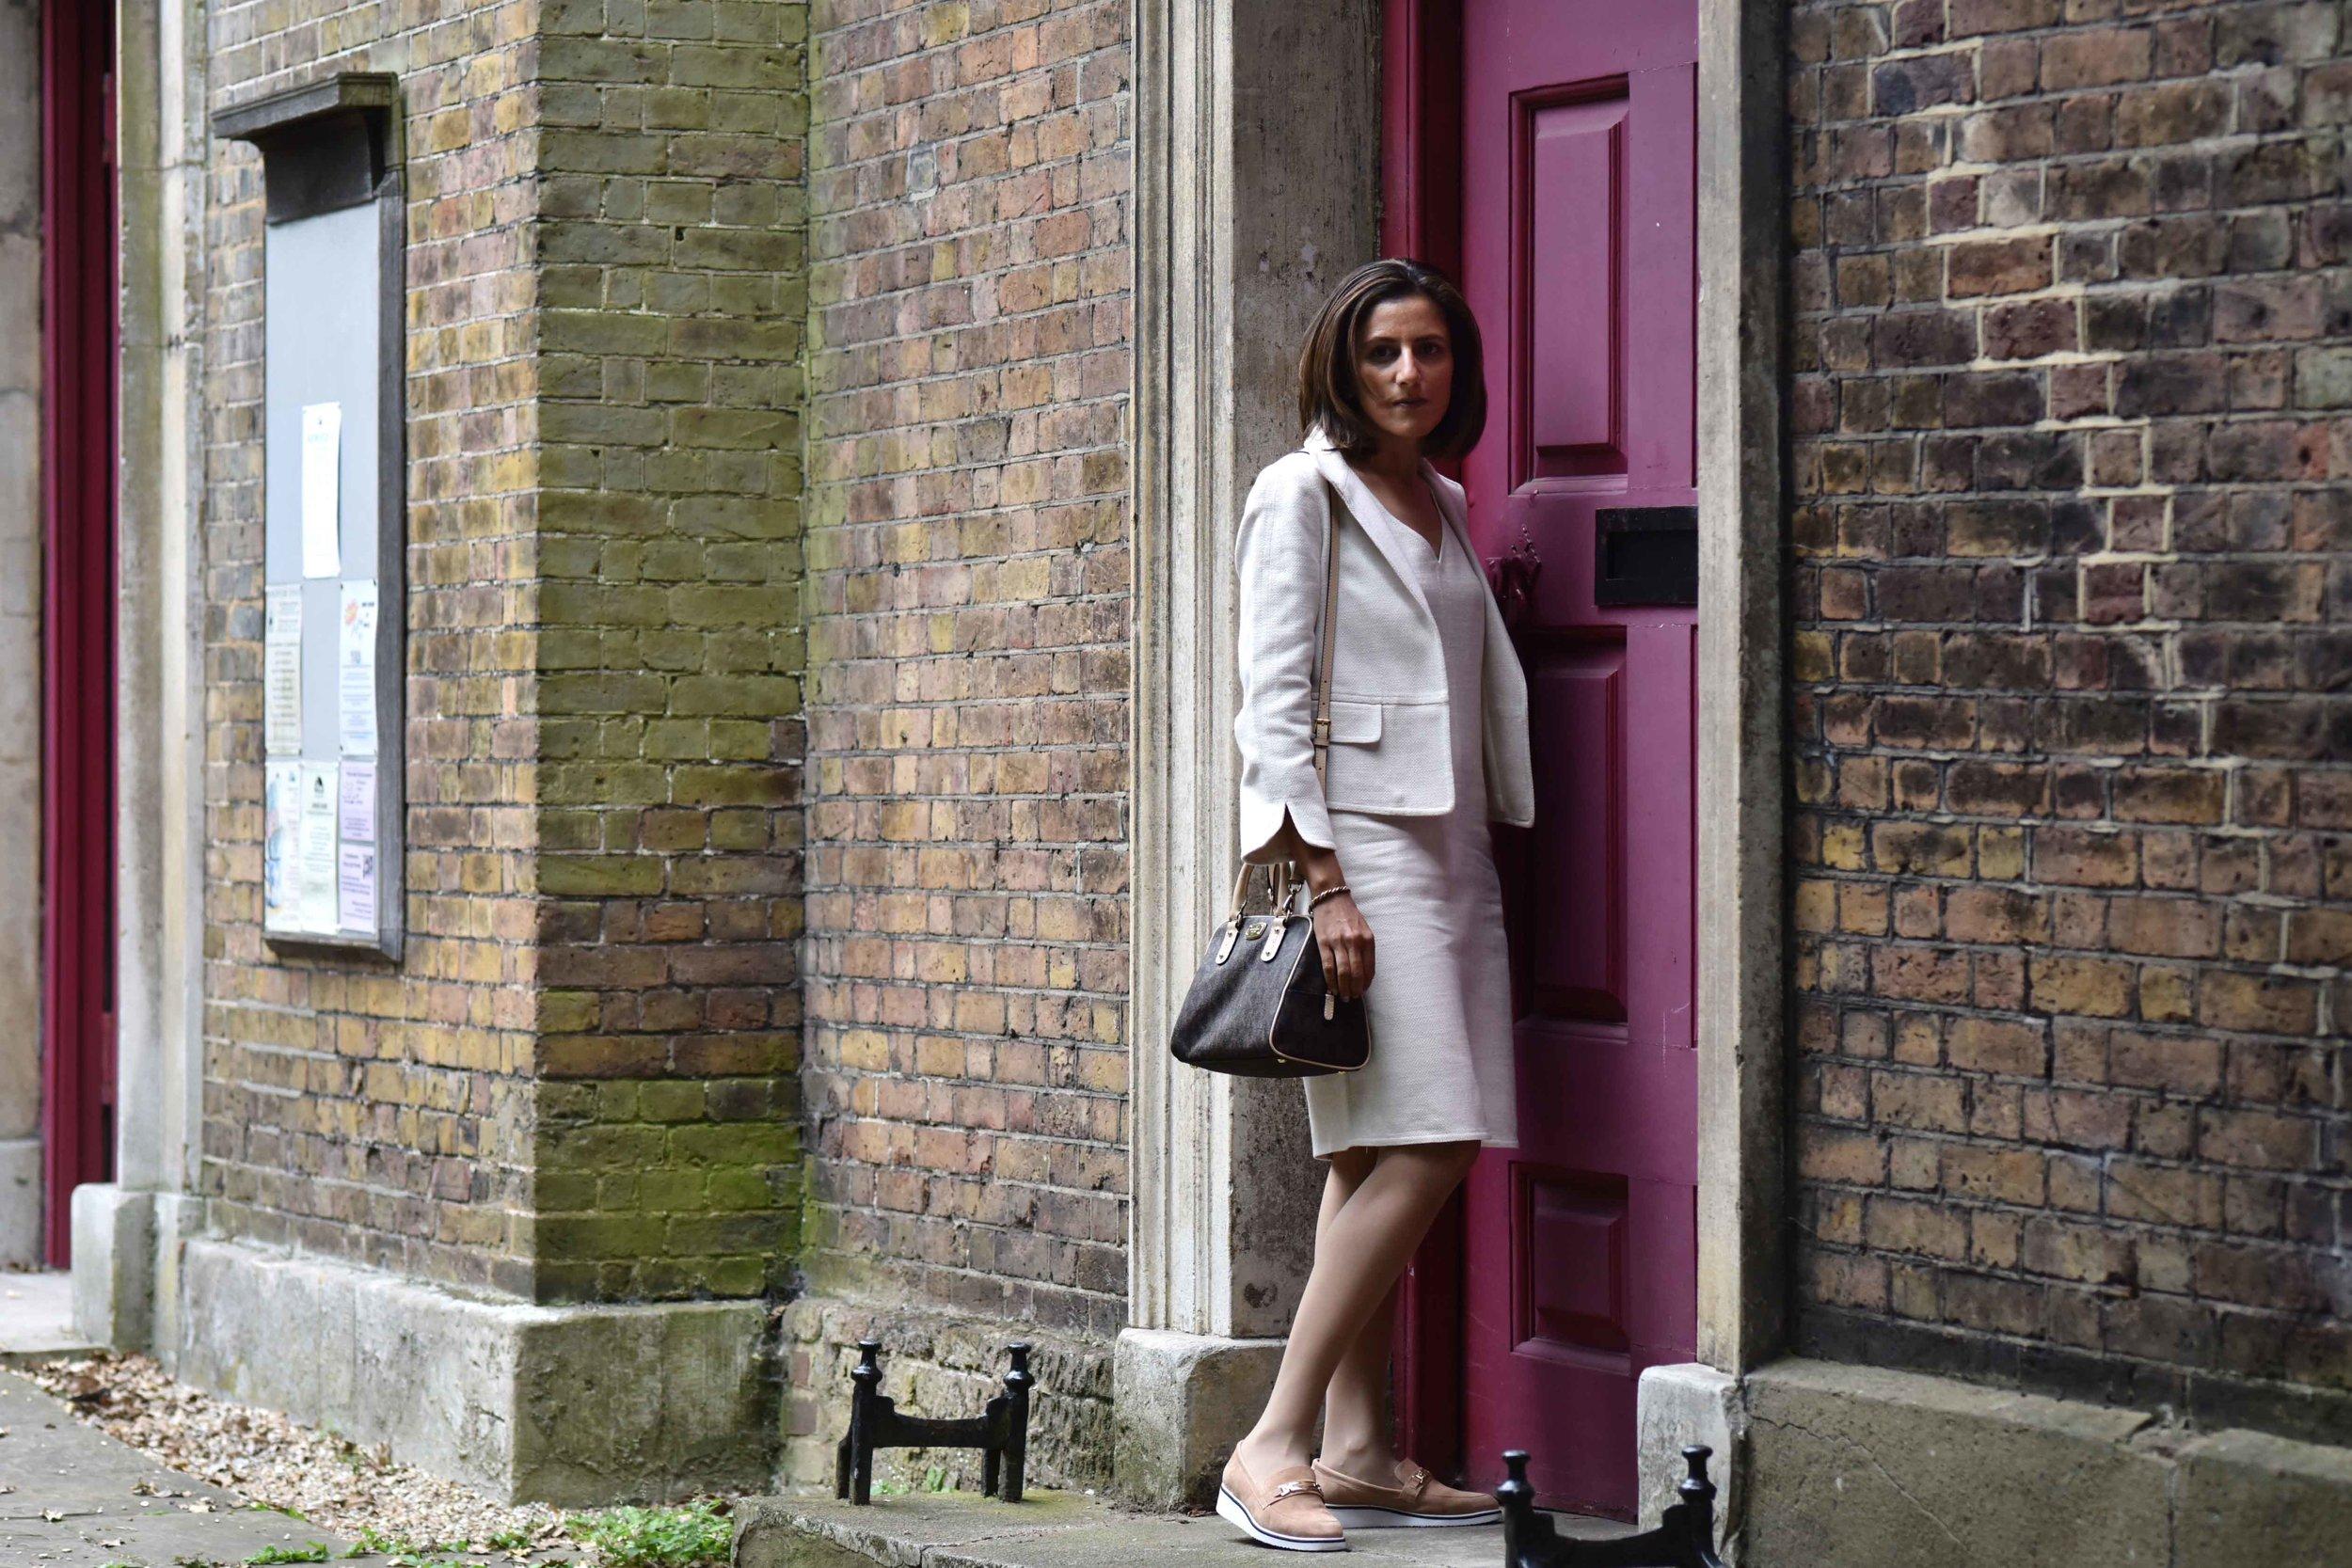 Talbots shift dress and jacket, Michael Kors bag. Image©sourcingstyle.com